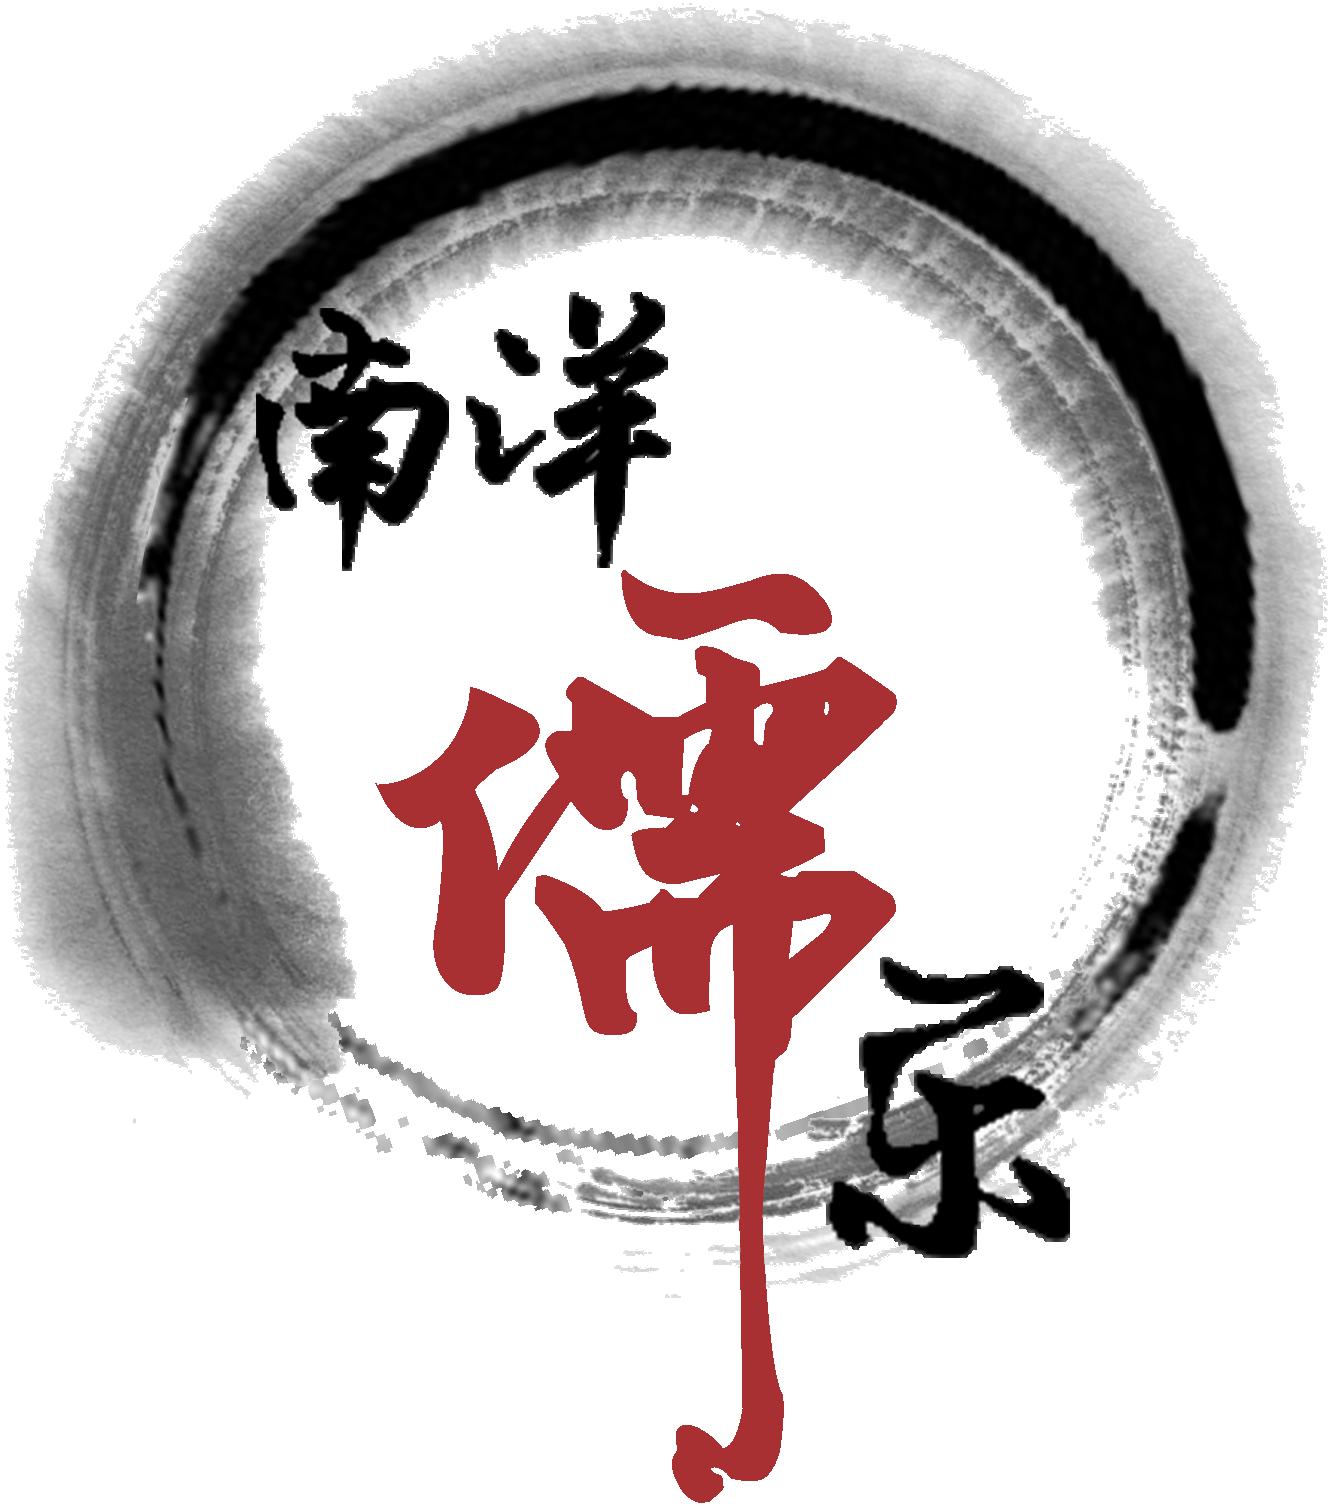 南洋儒乐,再登98国际音乐节舞台!插图(1)